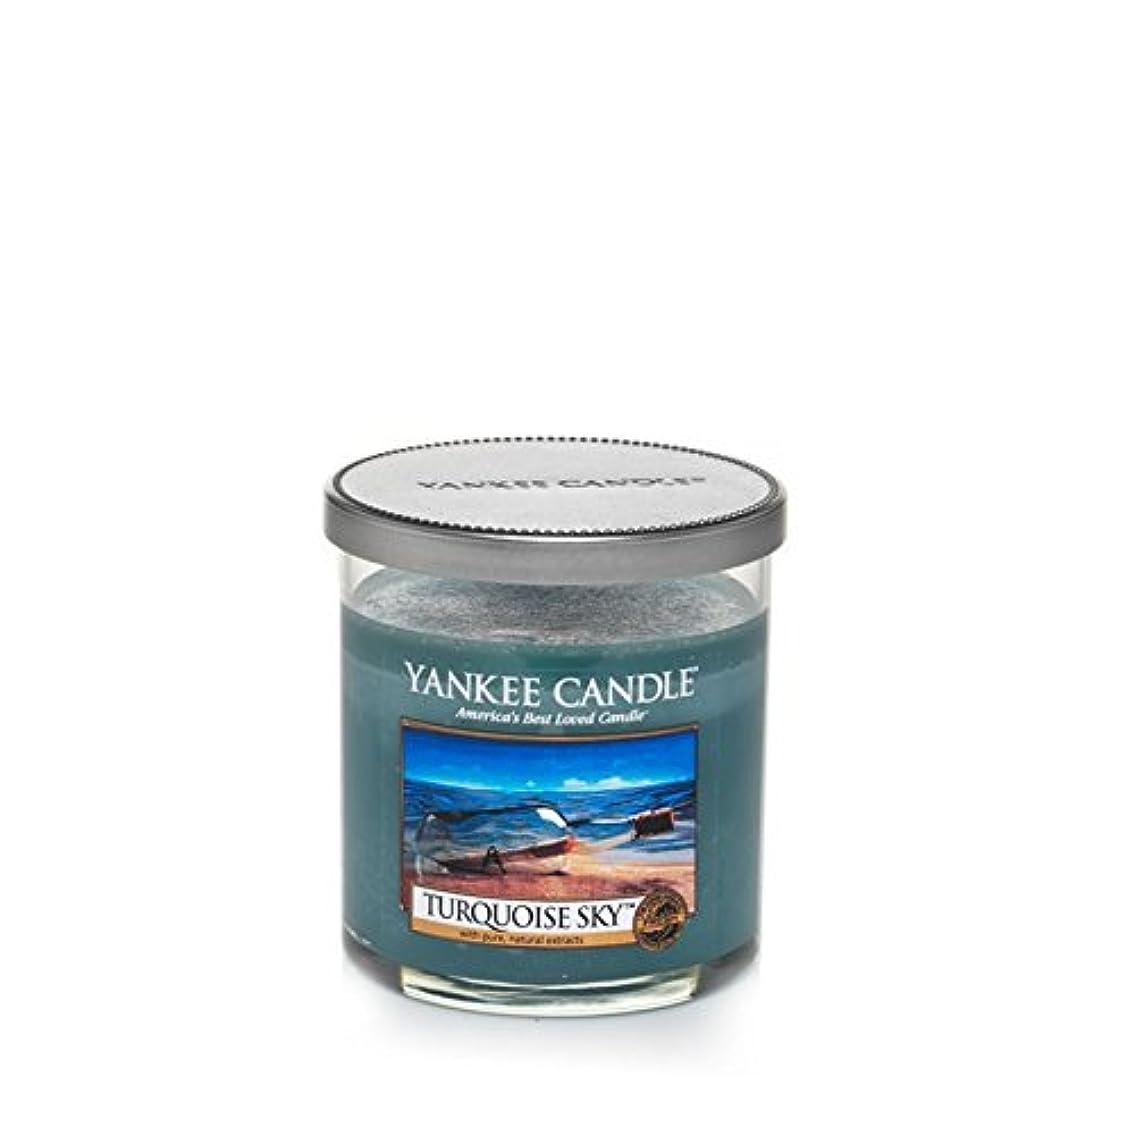 大きさ騒乱個性ヤンキーキャンドルの小さな柱キャンドル - ターコイズの空 - Yankee Candles Small Pillar Candle - Turquoise Sky (Yankee Candles) [並行輸入品]